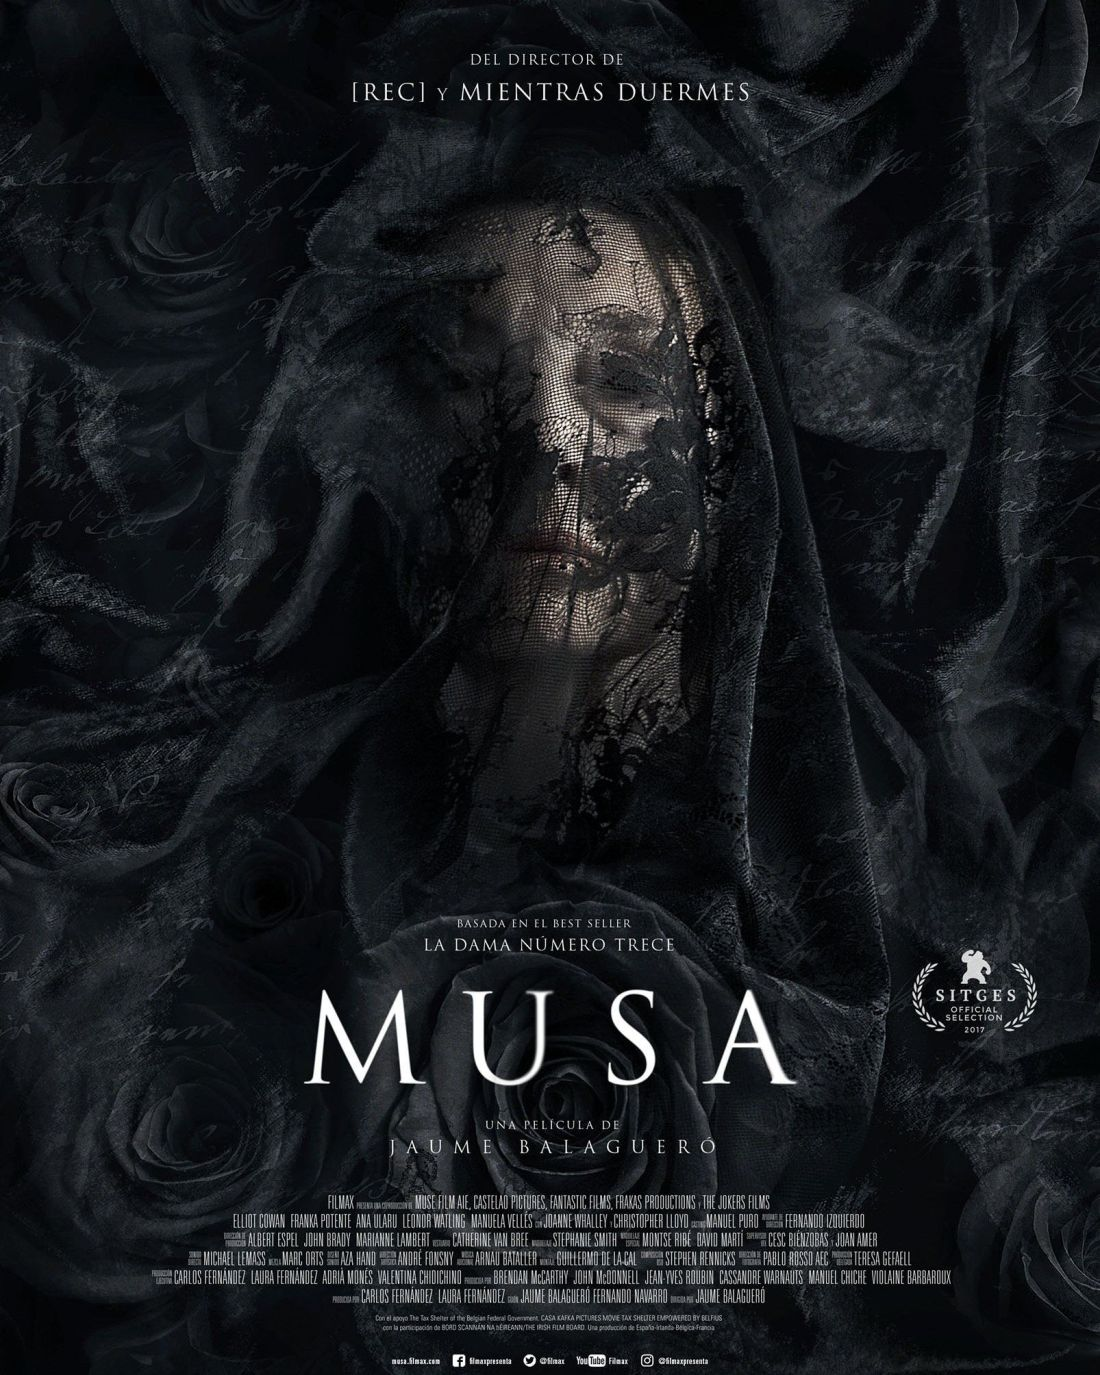 musa-poster-final